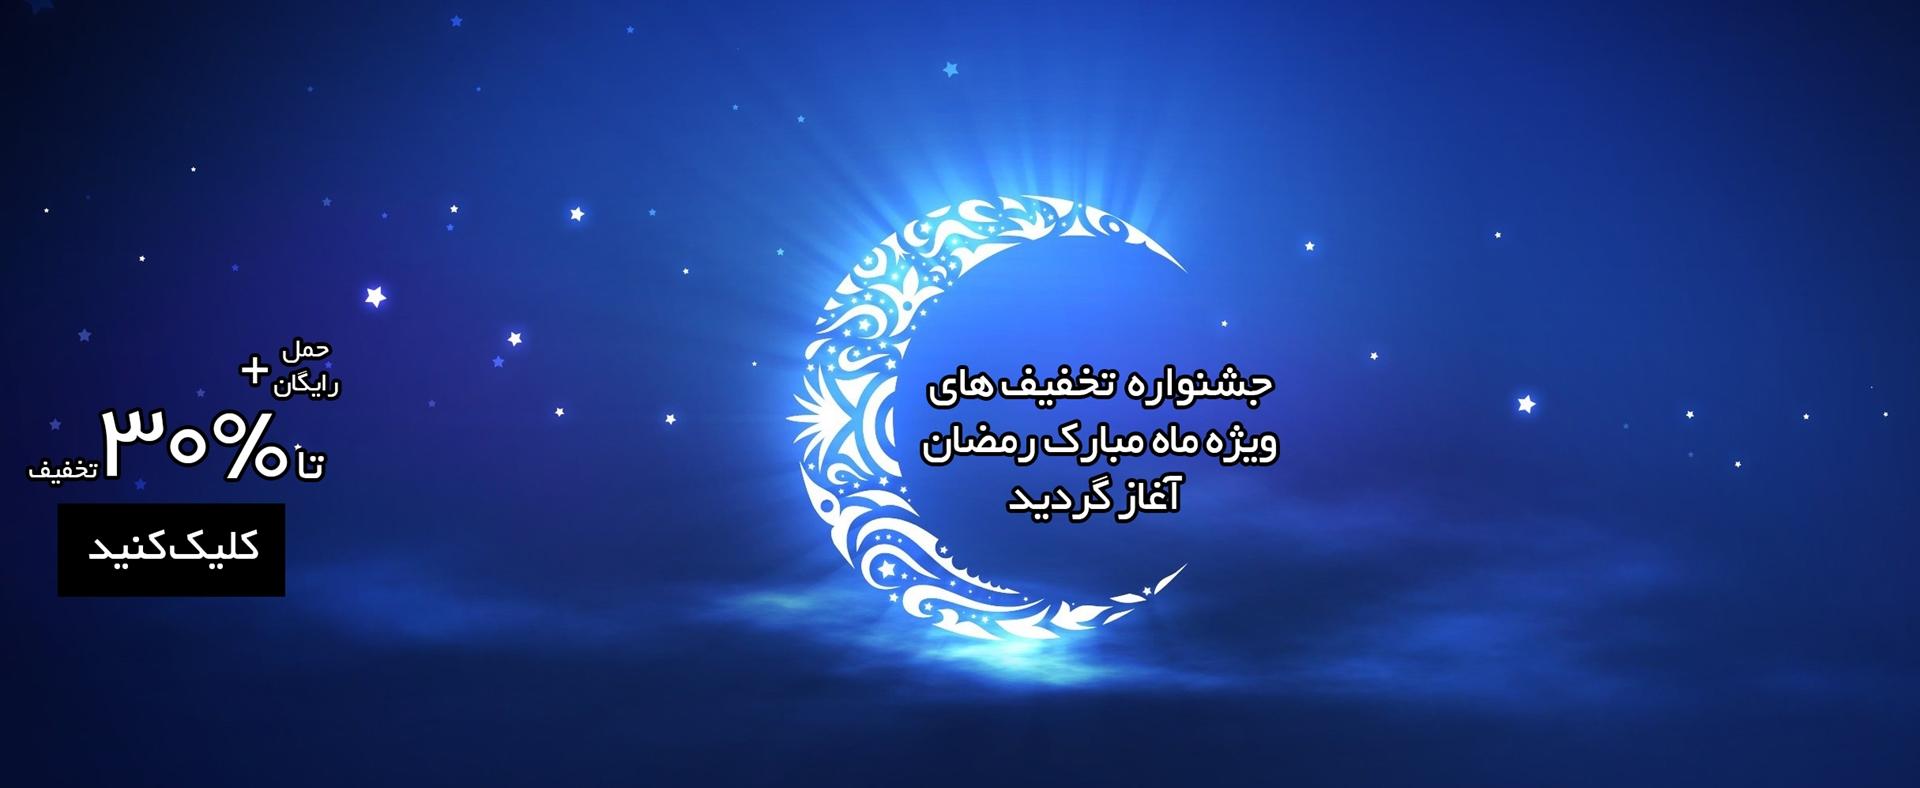 جشنواره تخفیف های هنرکده گیلاس آرت ویژه ماه مبارک رمضان آغاز گردید